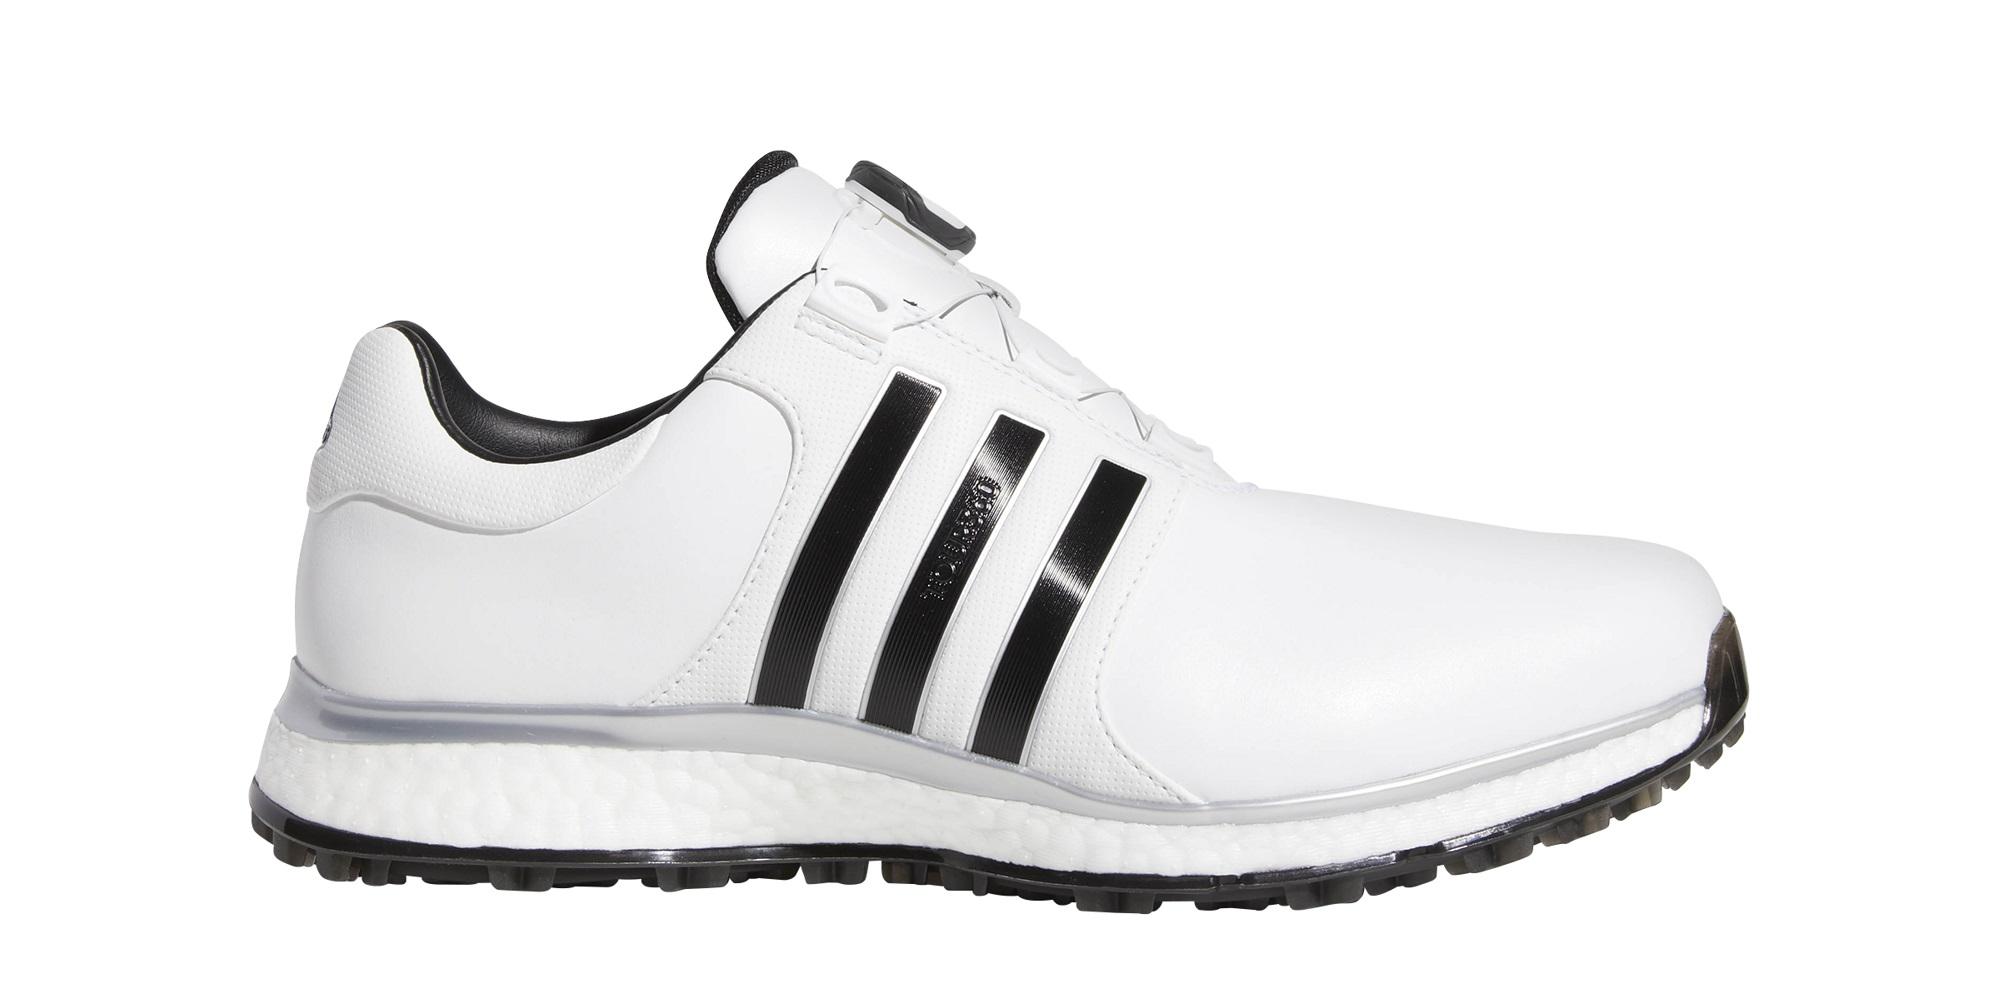 Adidas Golf Tour360 Xt Sl Spikeless Shoes Closeout Rockbottomgolf Com